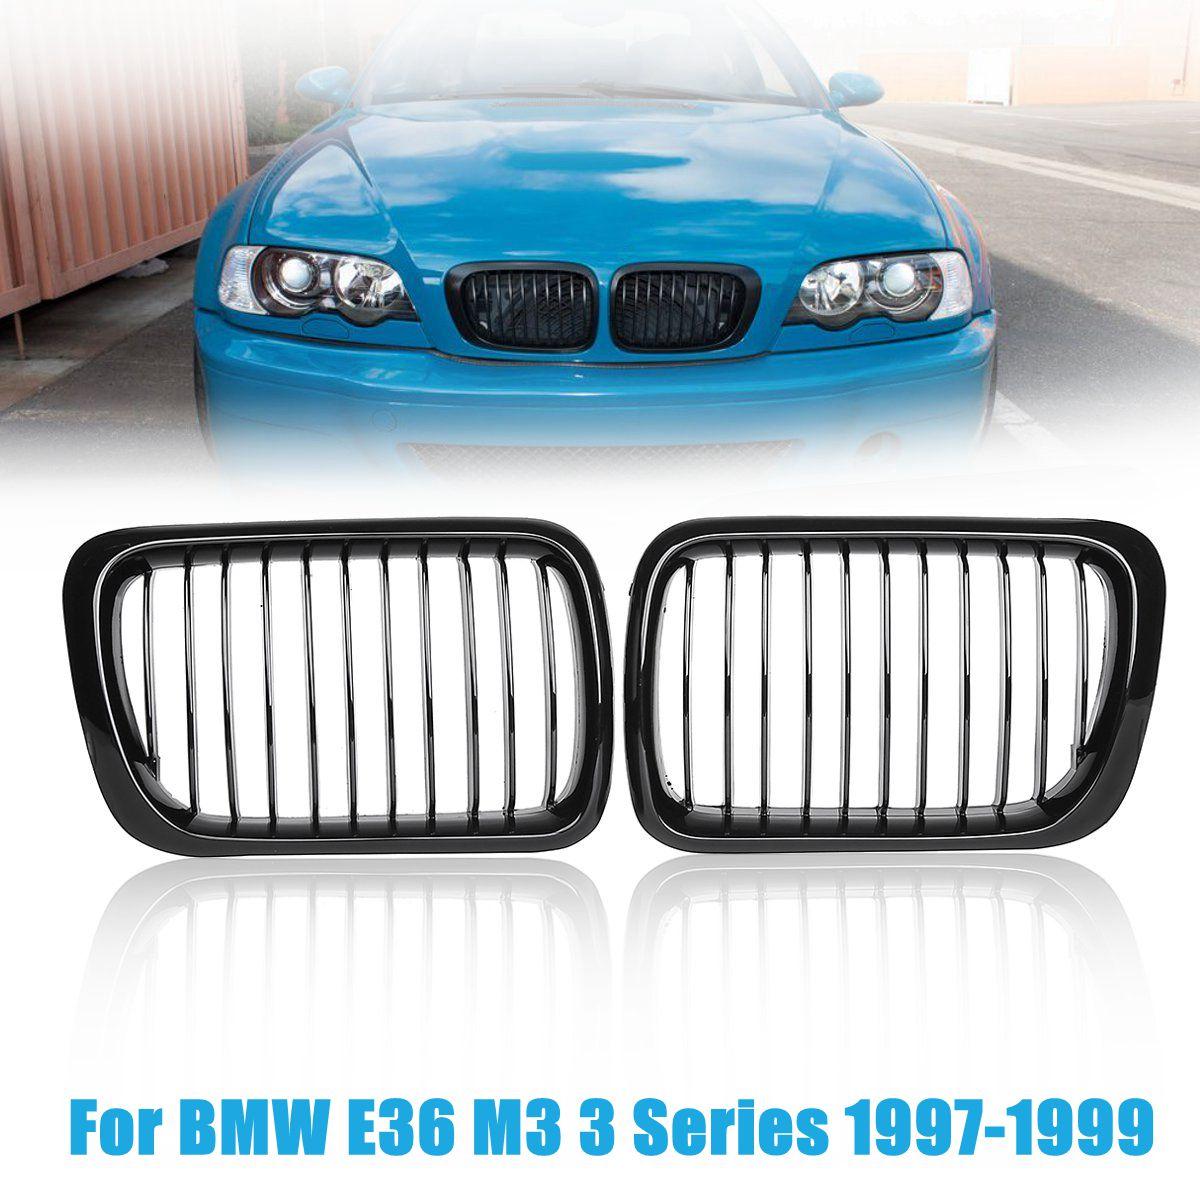 1 coppia #51138195 per BMW E36 M3 3 Serie 1997-1999 Gloss Black Griglia Anteriore Griglie Griglie Renali griglie anteriori1 coppia #51138195 per BMW E36 M3 3 Serie 1997-1999 Gloss Black Griglia Anteriore Griglie Griglie Renali griglie anteriori